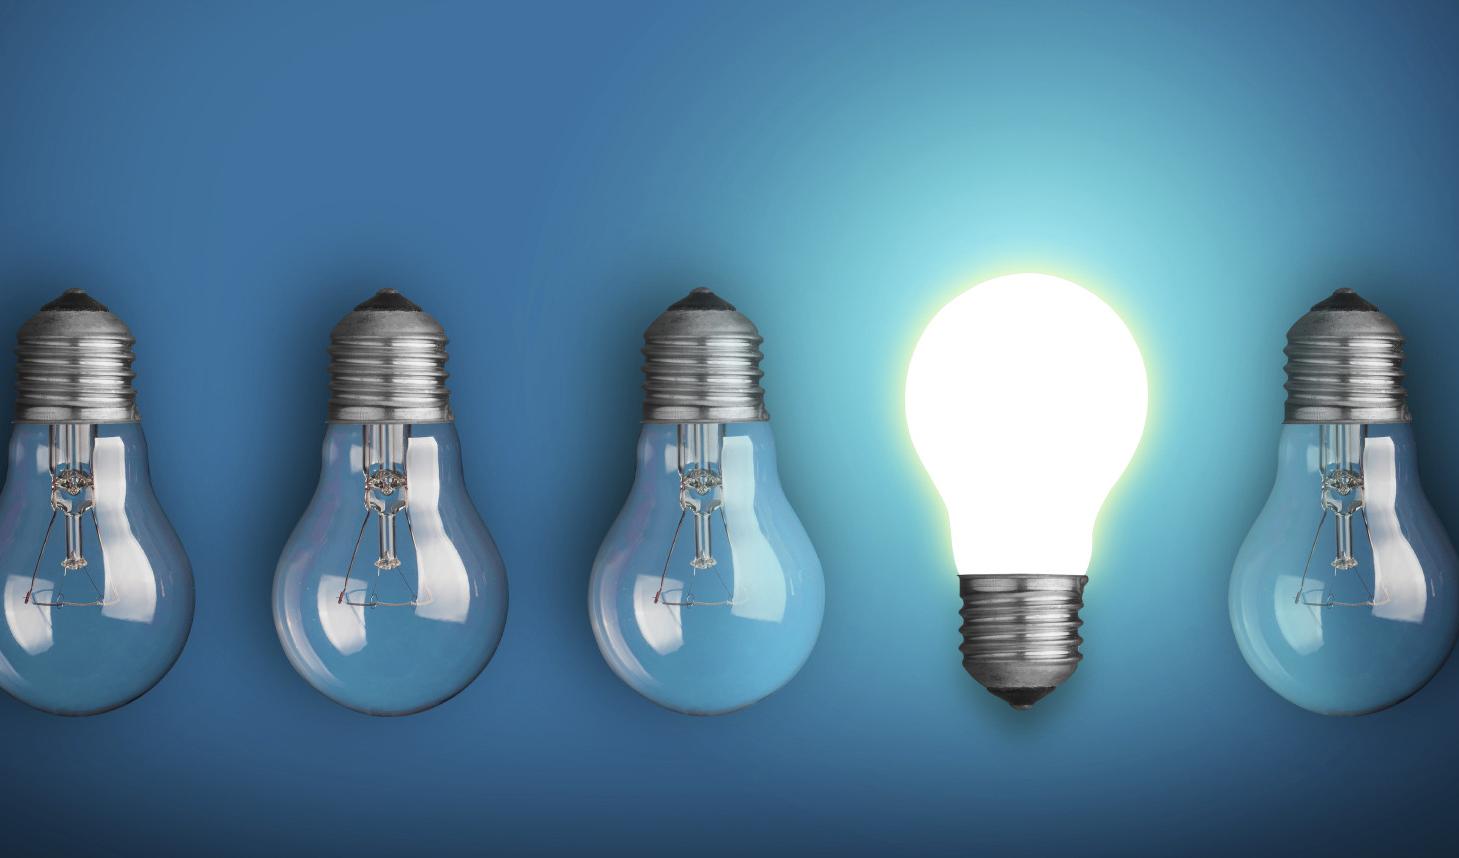 خرید تضمینی برق دارندگان مولد به نرخ ۳۸۰۰ ریال برای هر کیلو وات ساعت